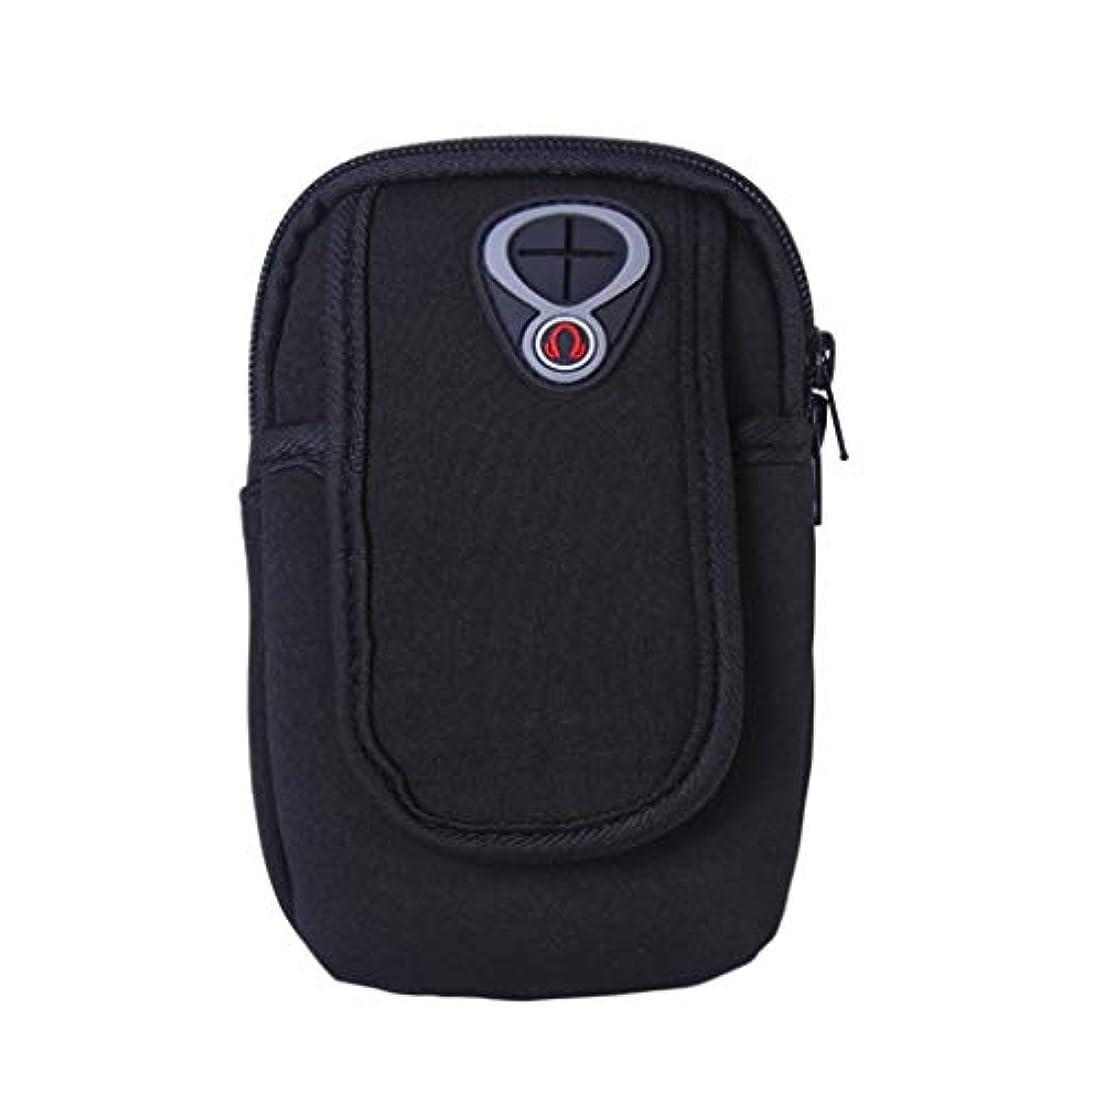 スマートフォンホルダー 携帯ケース YOKINO 通気性抜群 小物収納 防水防汗 軽量 縫い目なし 調節可能 男女共用